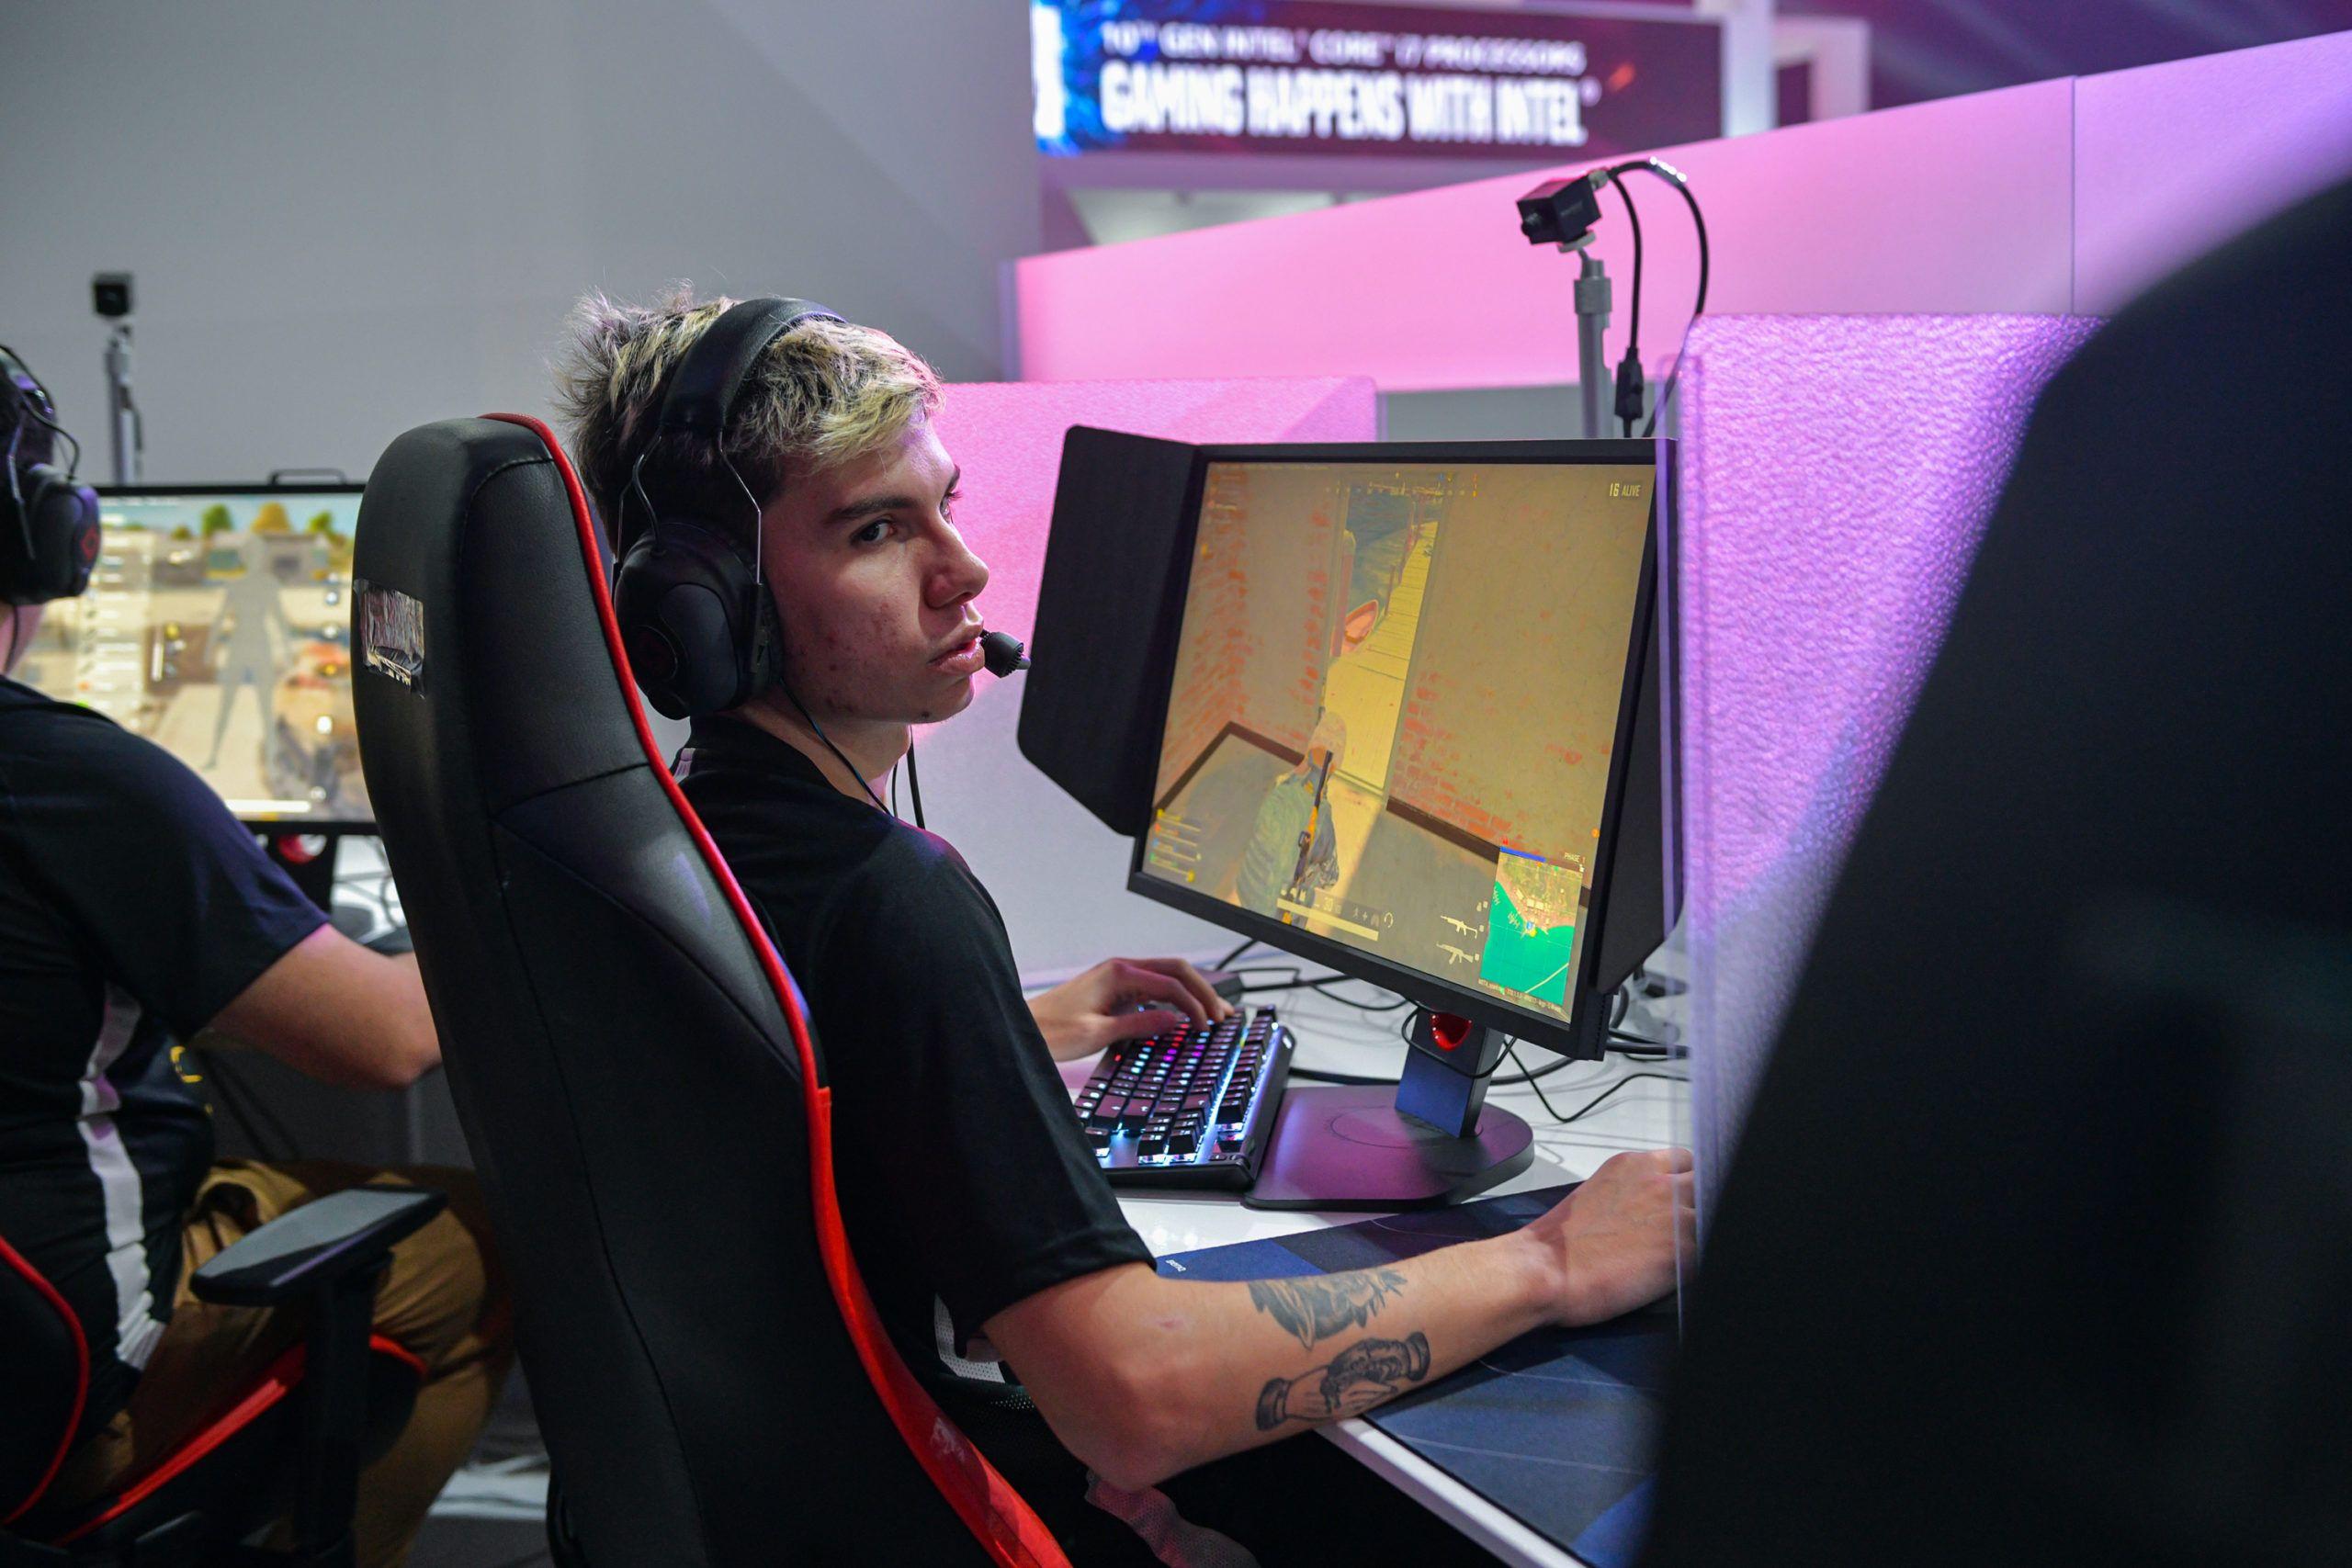 Jogador brasileiro sparkingg, da equipe latino-americana Meta Gaming, jogando o Survival Tournament no PGI.S